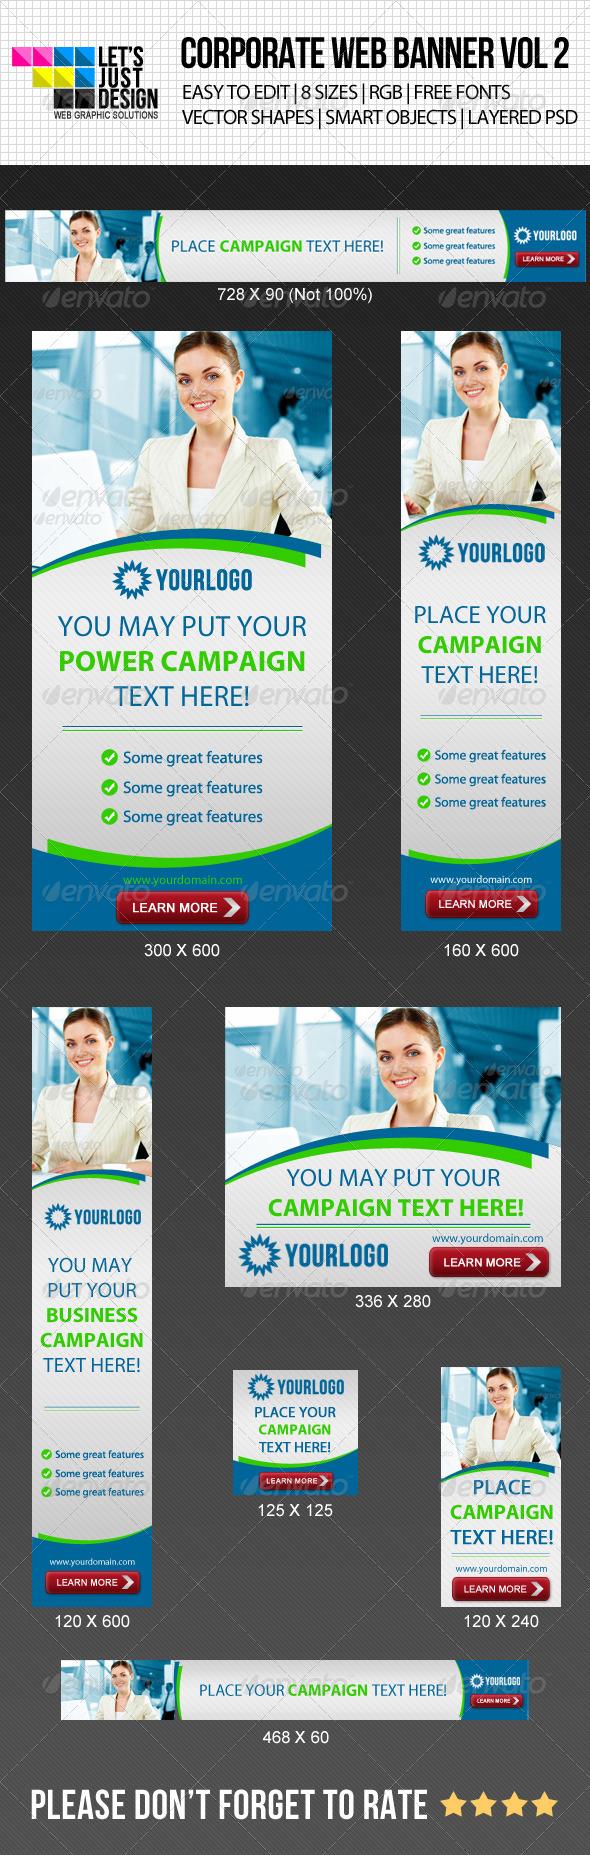 GraphicRiver Corporate Web Banner Vol 2 4843863